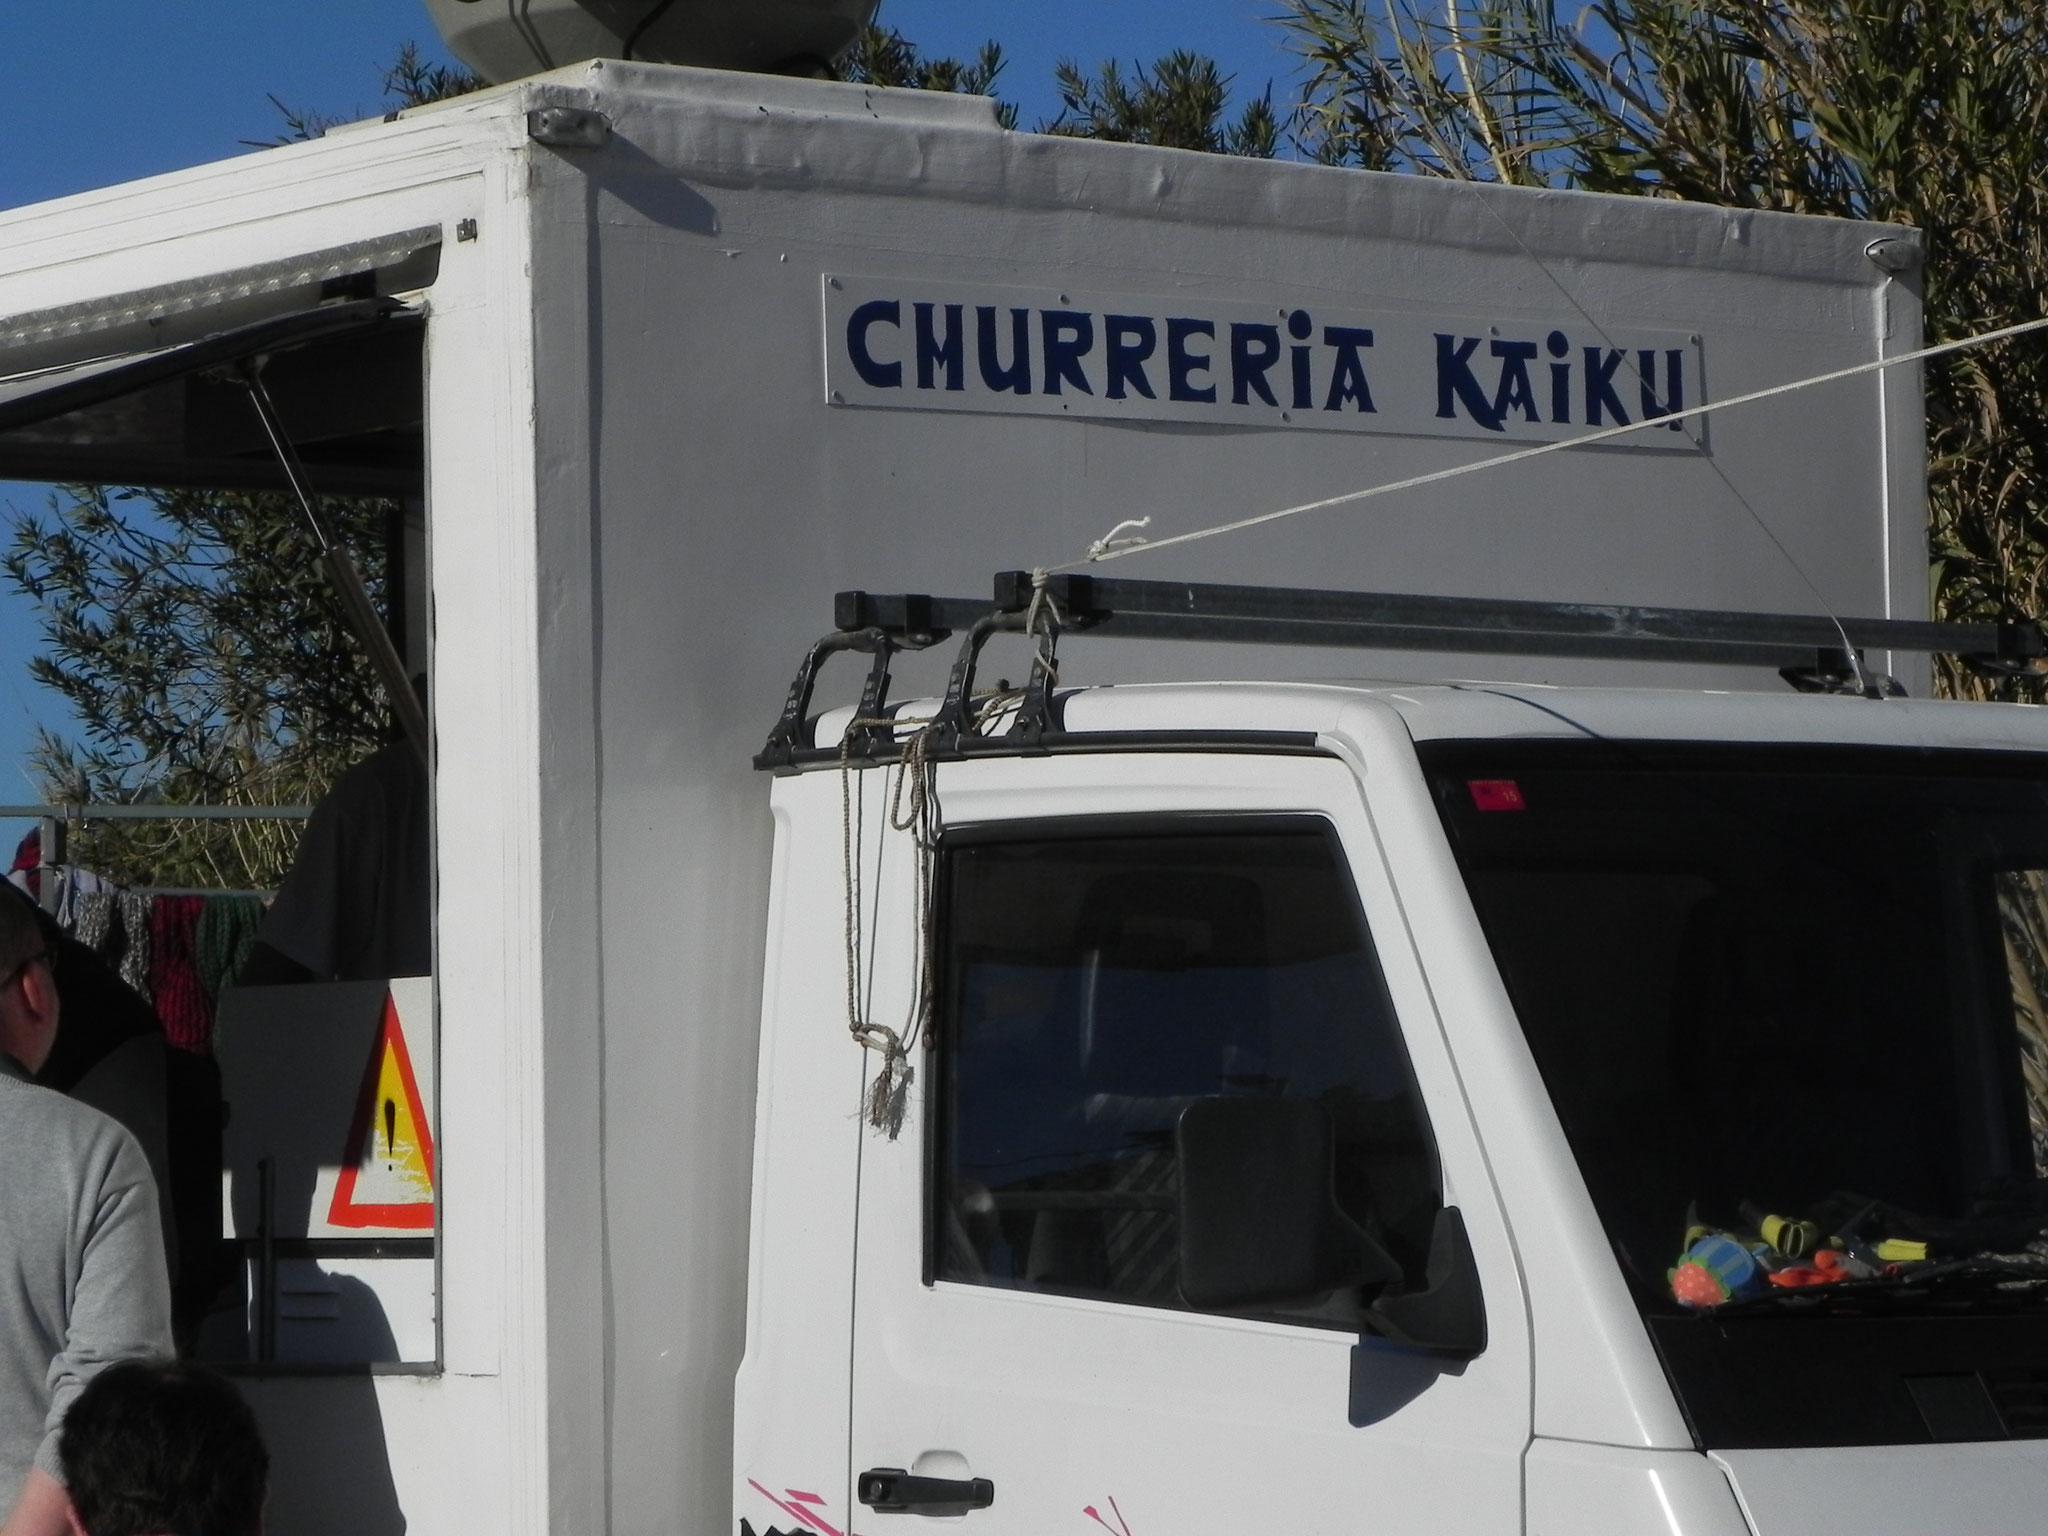 Churreria Kaiku